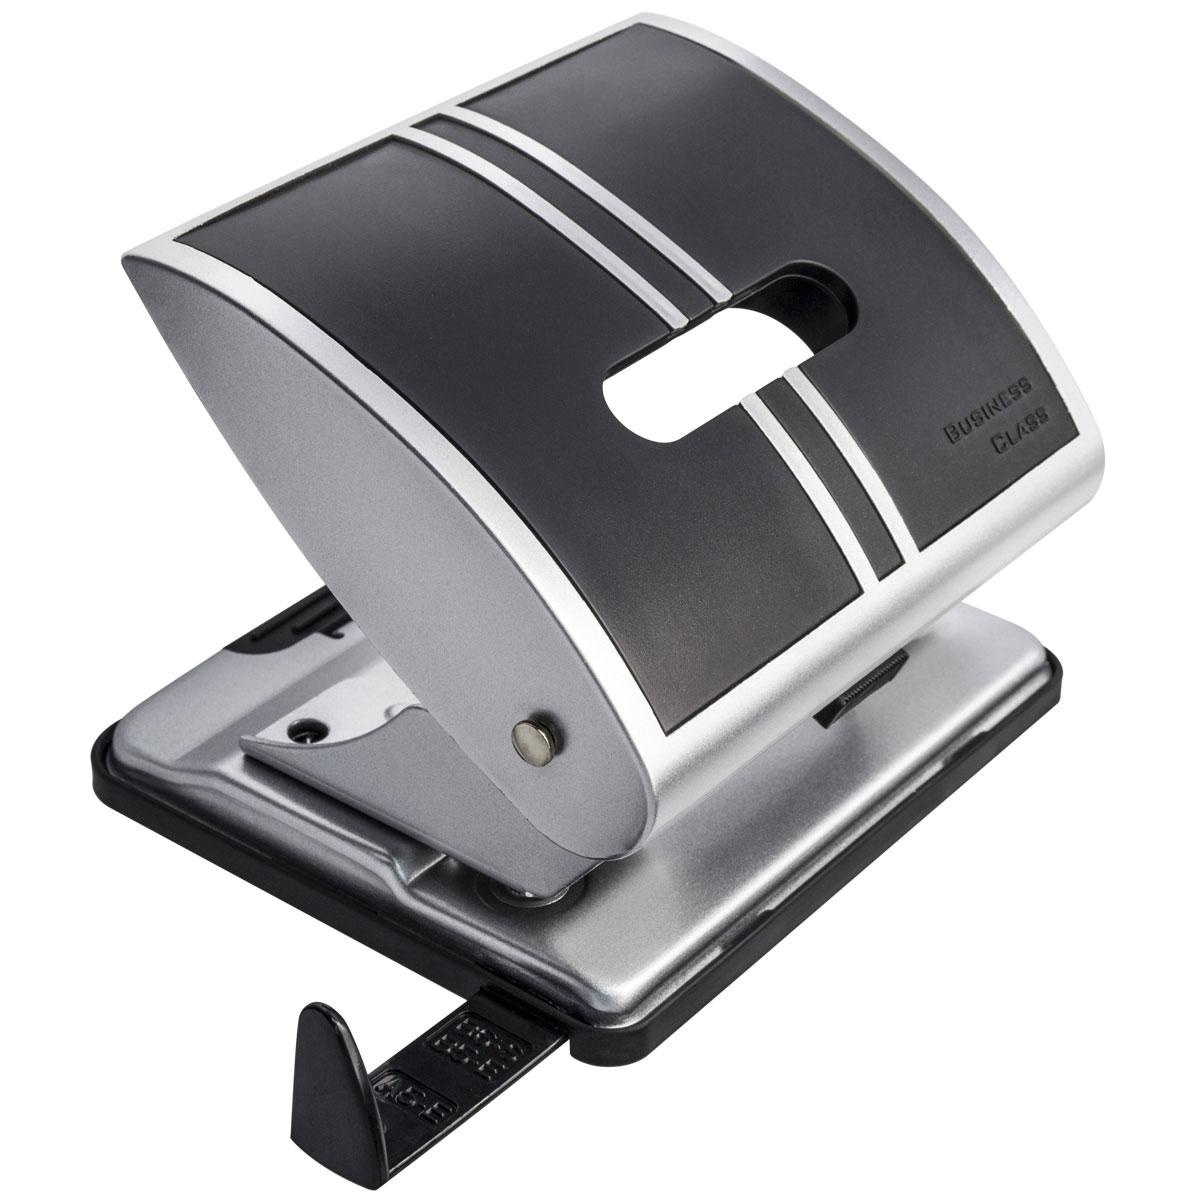 Laco Дырокол BC519 цвет черный2650801Мощный металлический дырокол Laco с пластиковыми вставками. Имеет выдвижную пластиковую линейку, регулирующую место перфорации. Толщина прокола до 25 листов.